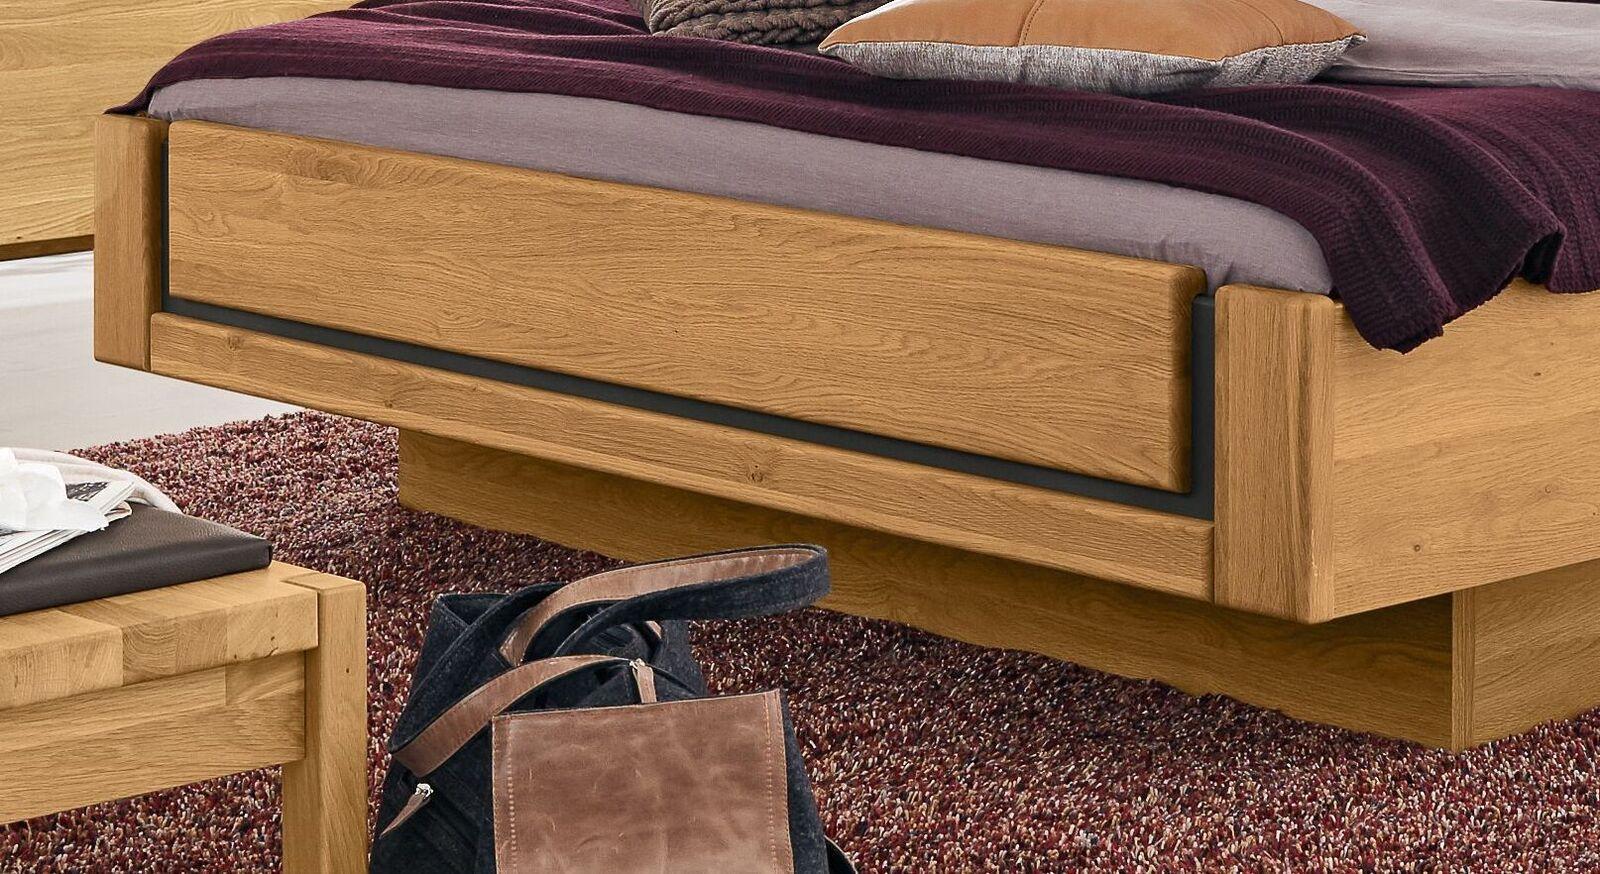 MUSTERRING Bett Sorrent in Schwebeoptik mit attraktivem Fußteil